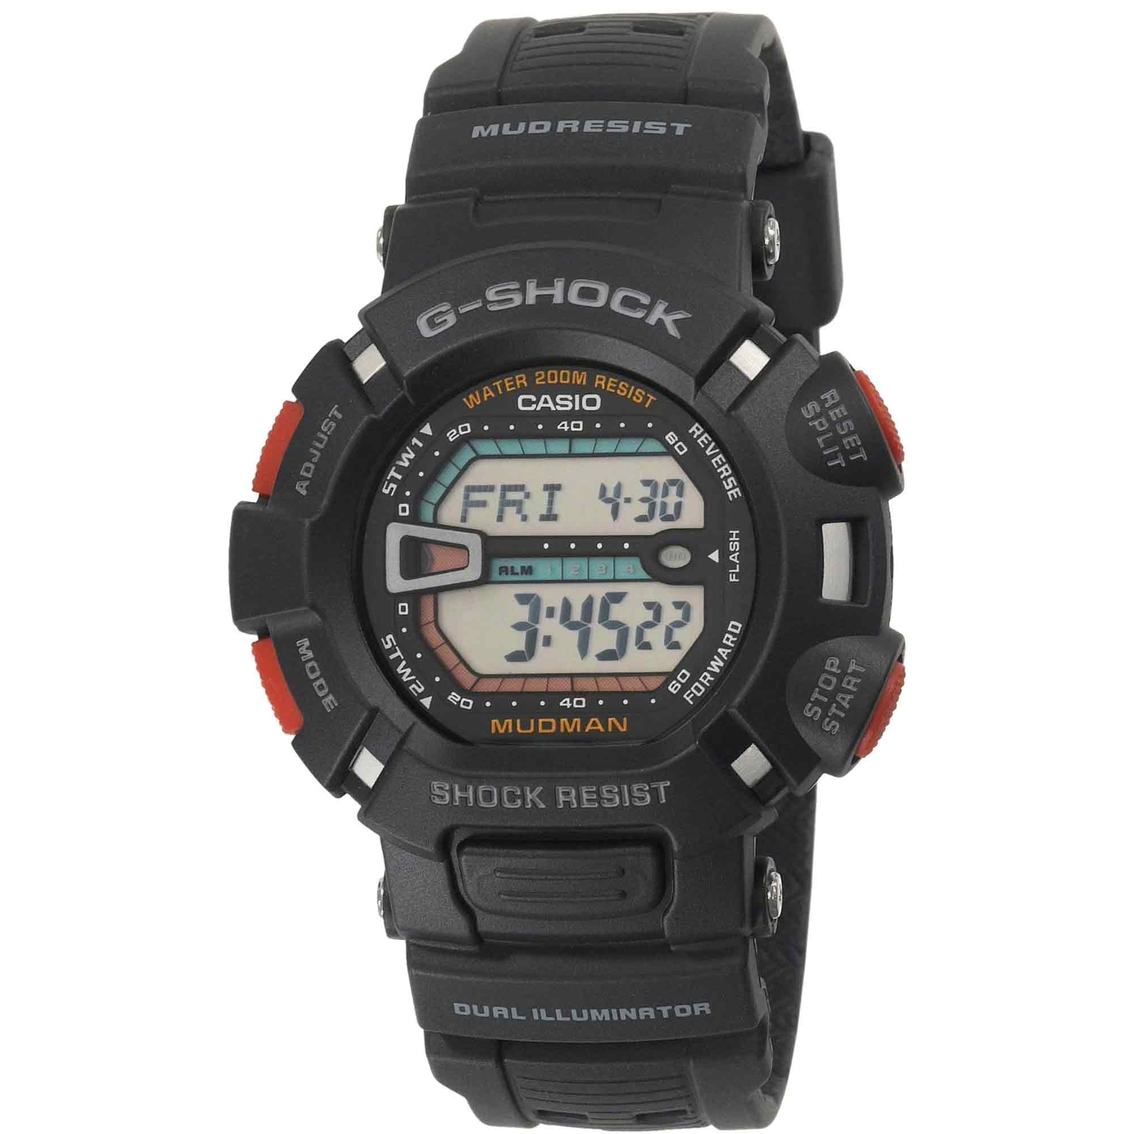 Casio Men S G Shock Mudman Digital Sports Watch Non Metal